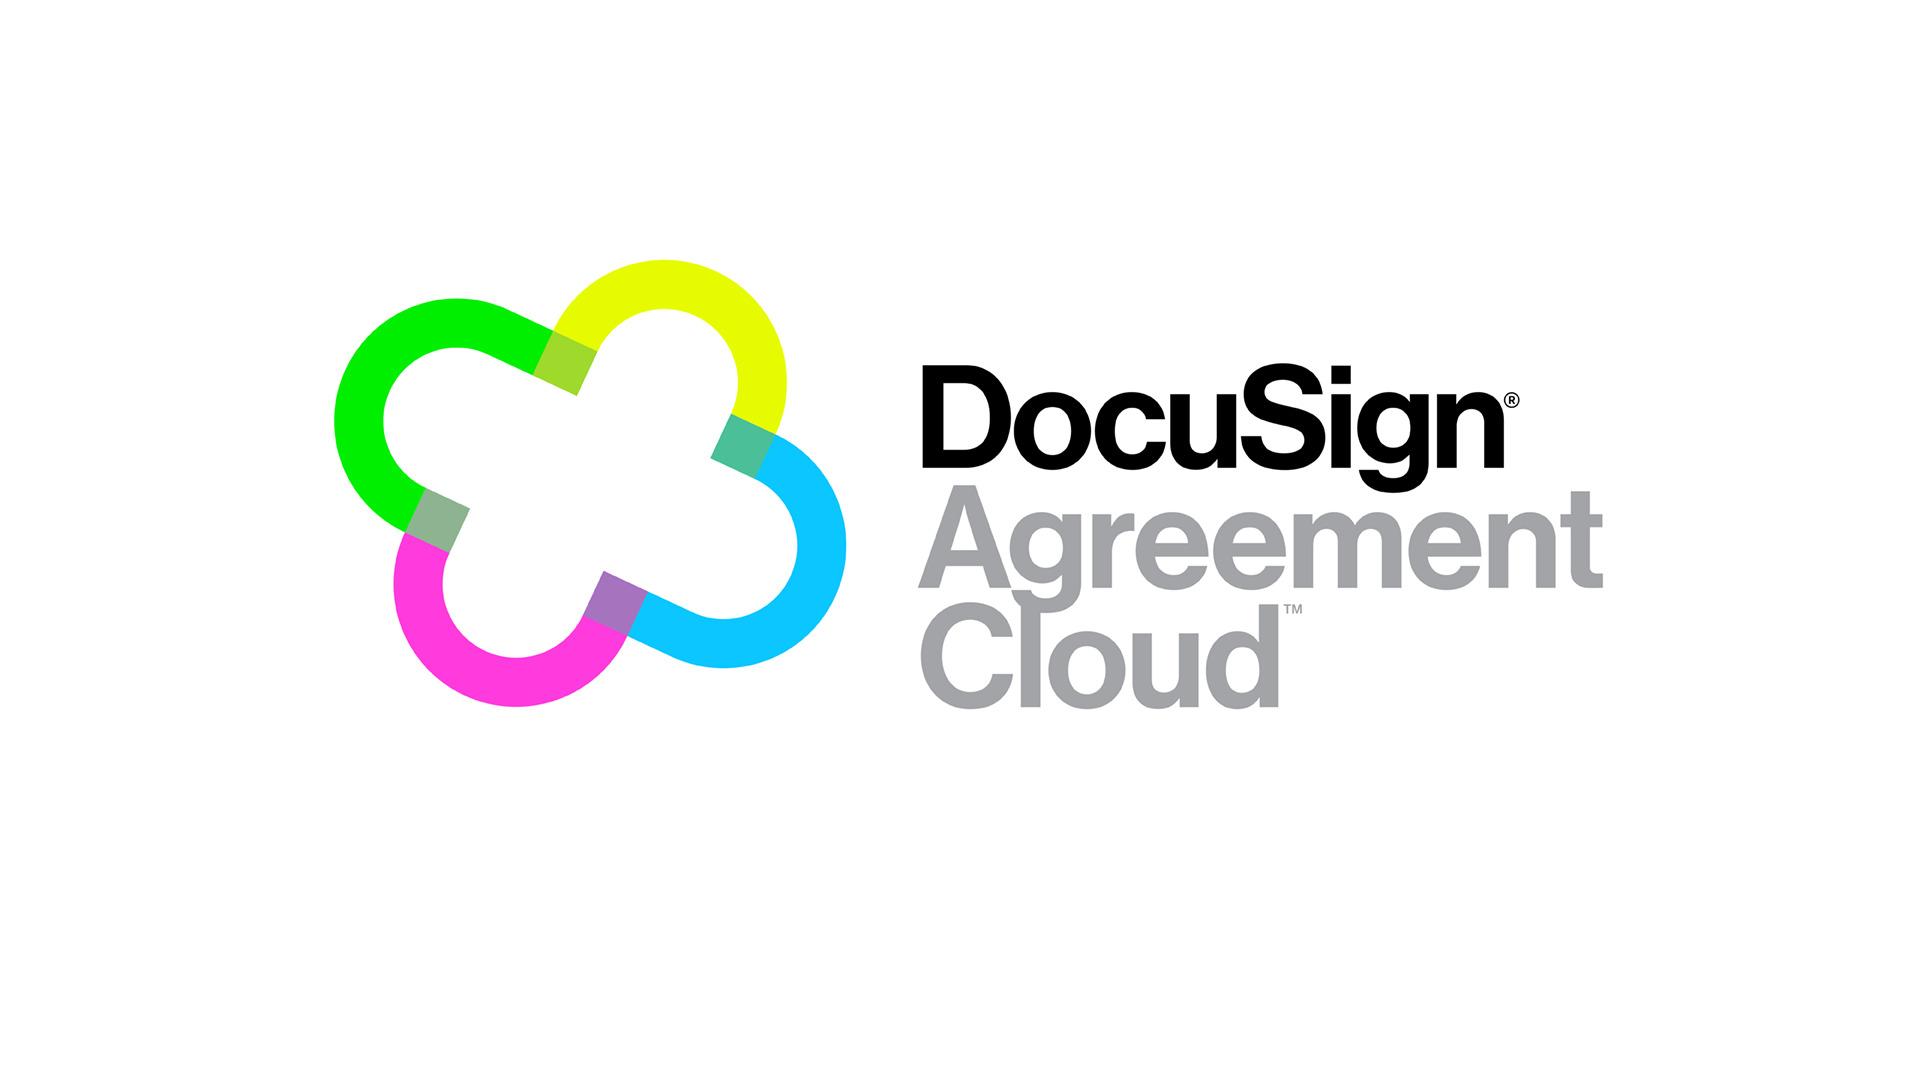 Elektronische Signaturen und vollständig digitale Verträge   DocuSign